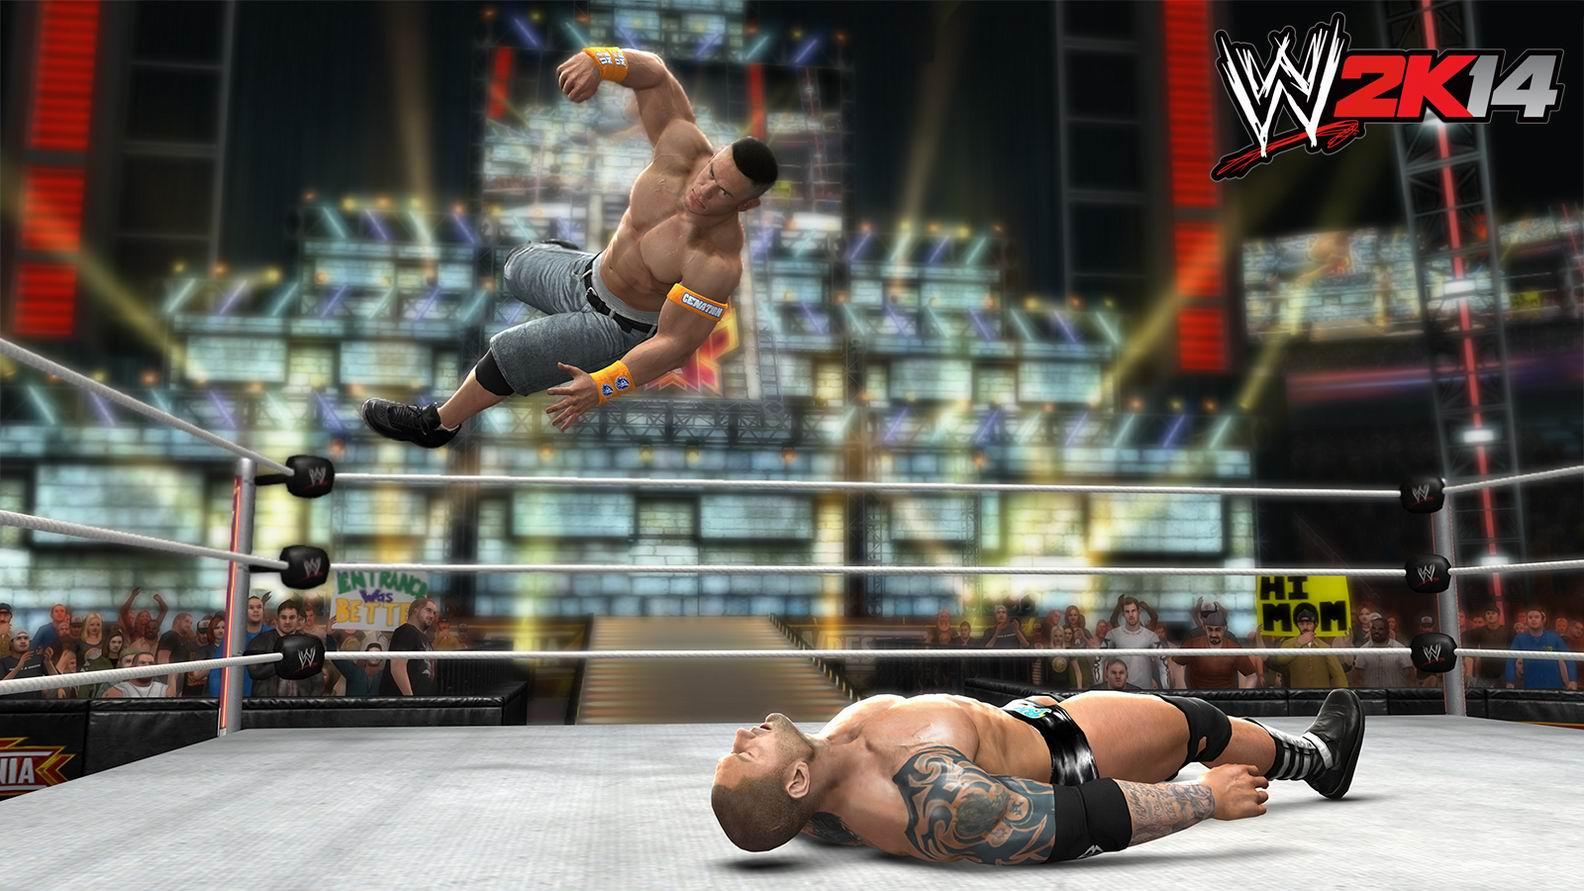 WWE2K14_WM26cenabatista